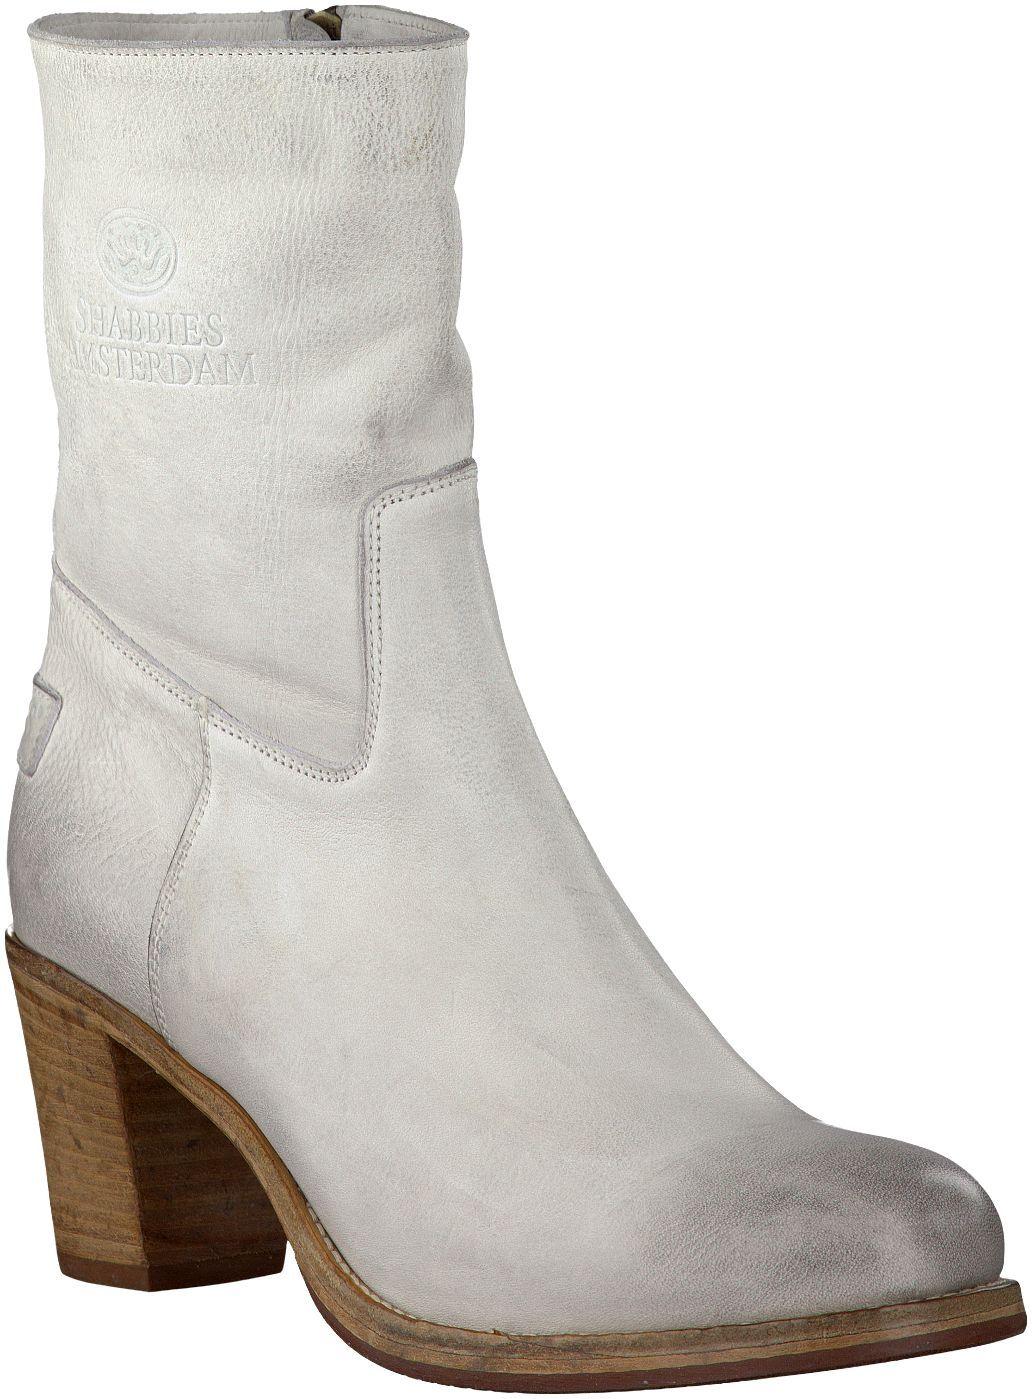 Brown Shabbies Amsterdam Chaussures De Mariage Pour Dames CoedI5BMcb